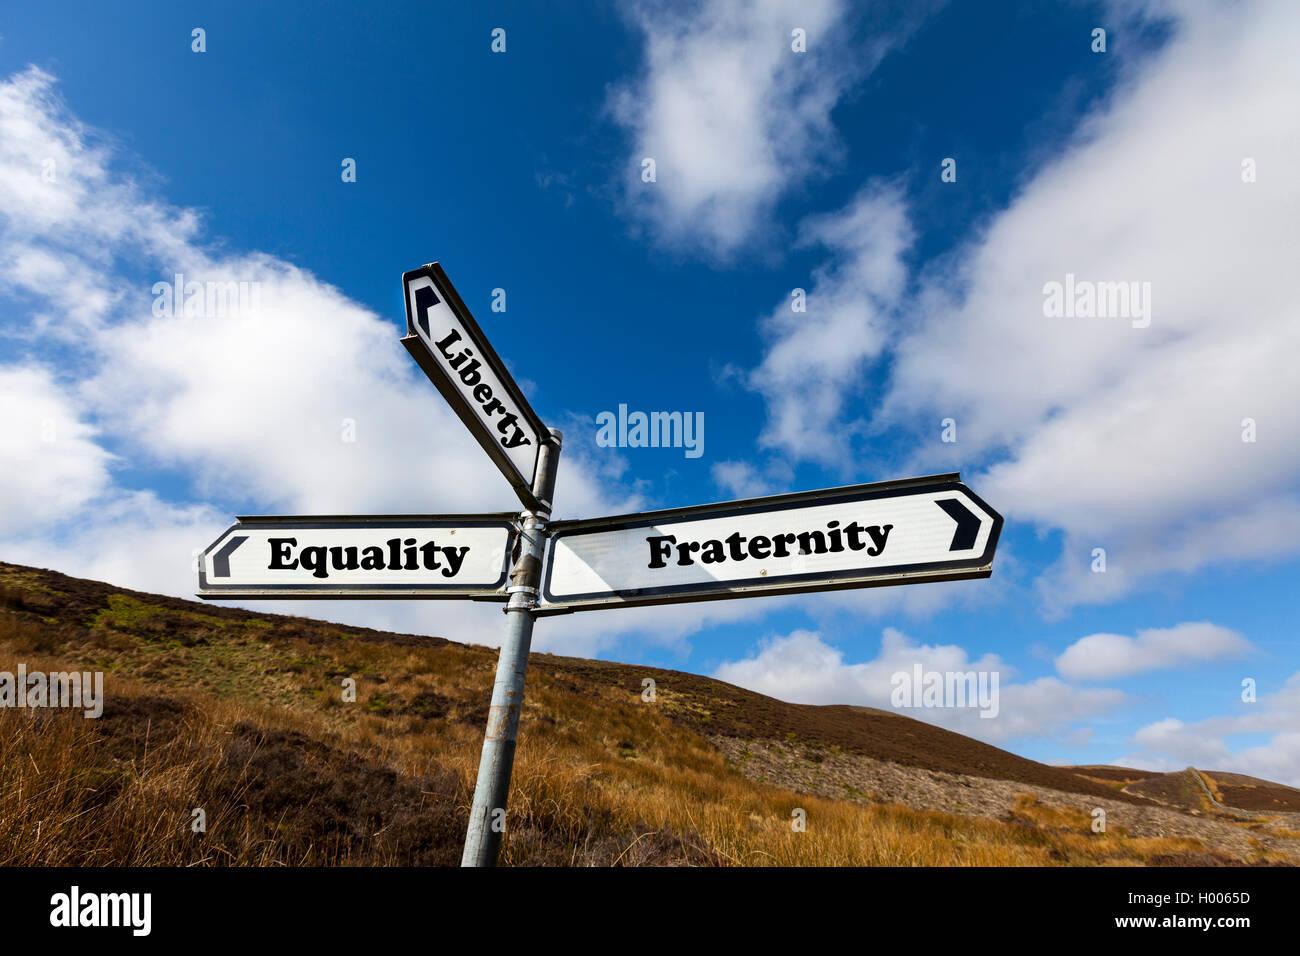 Freiheit Gleichheit Brüderlichkeit unterschreibt das Motto der französischen Republik-Konzept-Straßenschild Stockbild